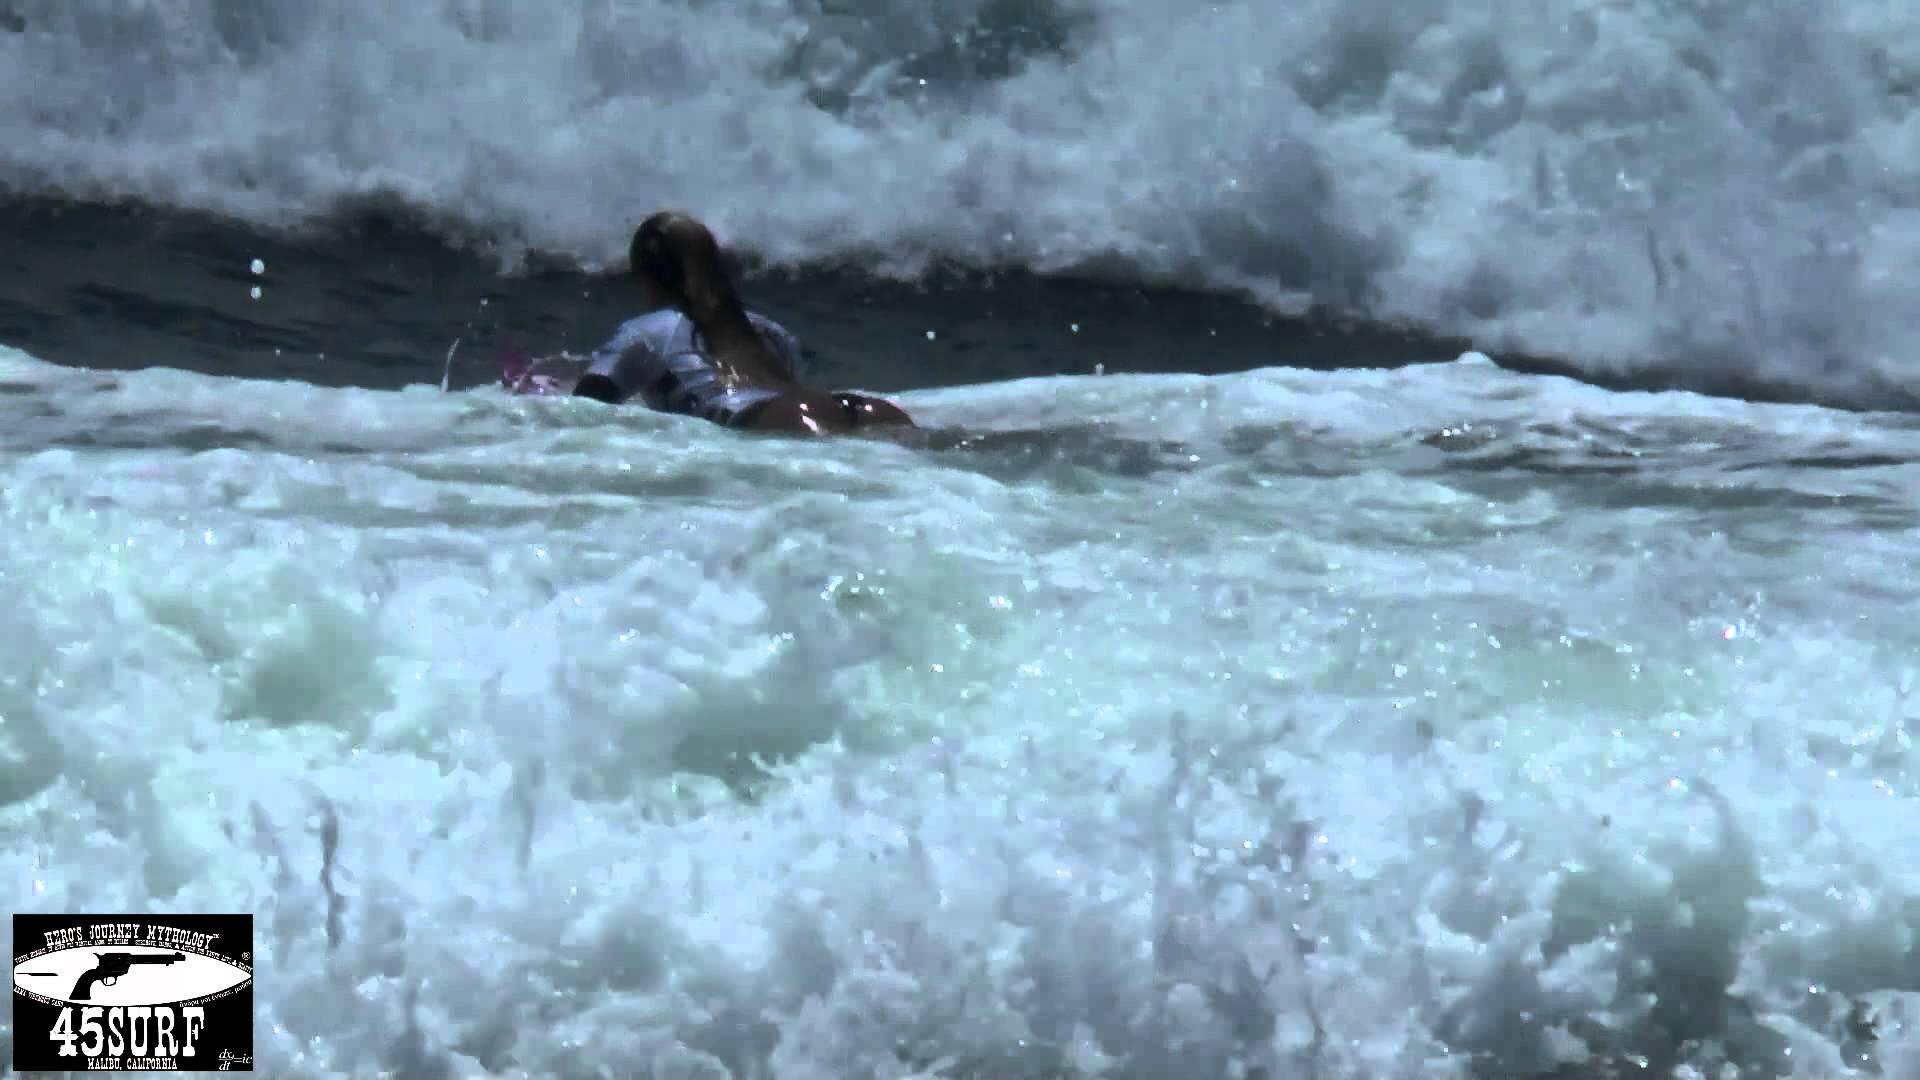 Alana Blanchard Surfing In Bikini Bottoms! Alana Blanchard's Famous Bottom Turn!